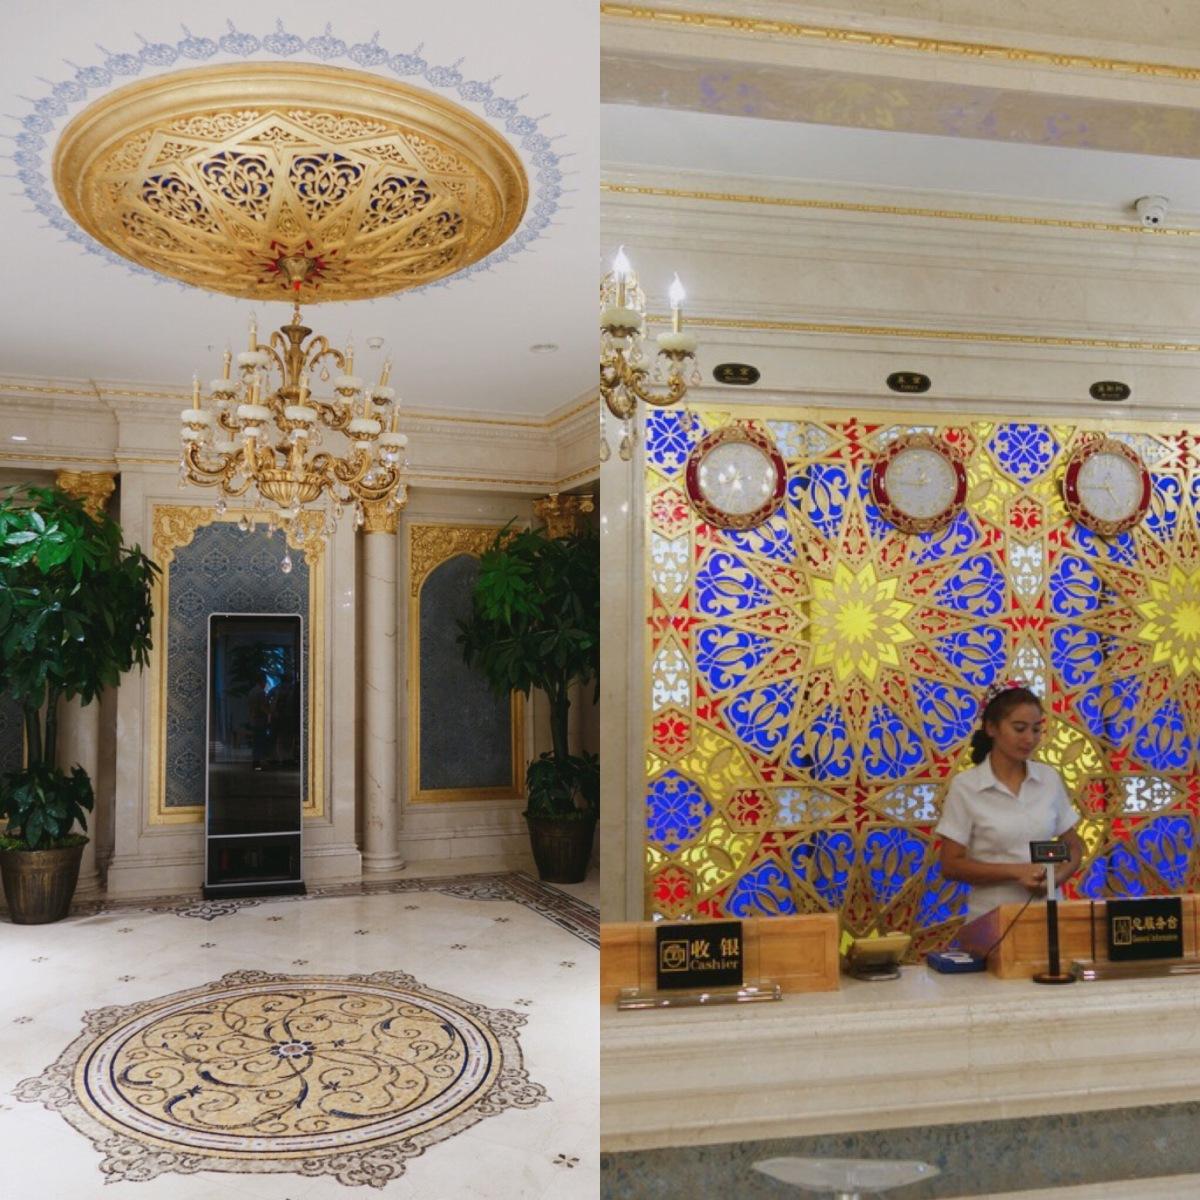 🇨🇳 南疆喀什 | 新疆蘇力旦大飯店:喀什老城區住宿首選,步行三分鐘到艾提尕爾清真寺 Xinjiang Sultan Hotel, China